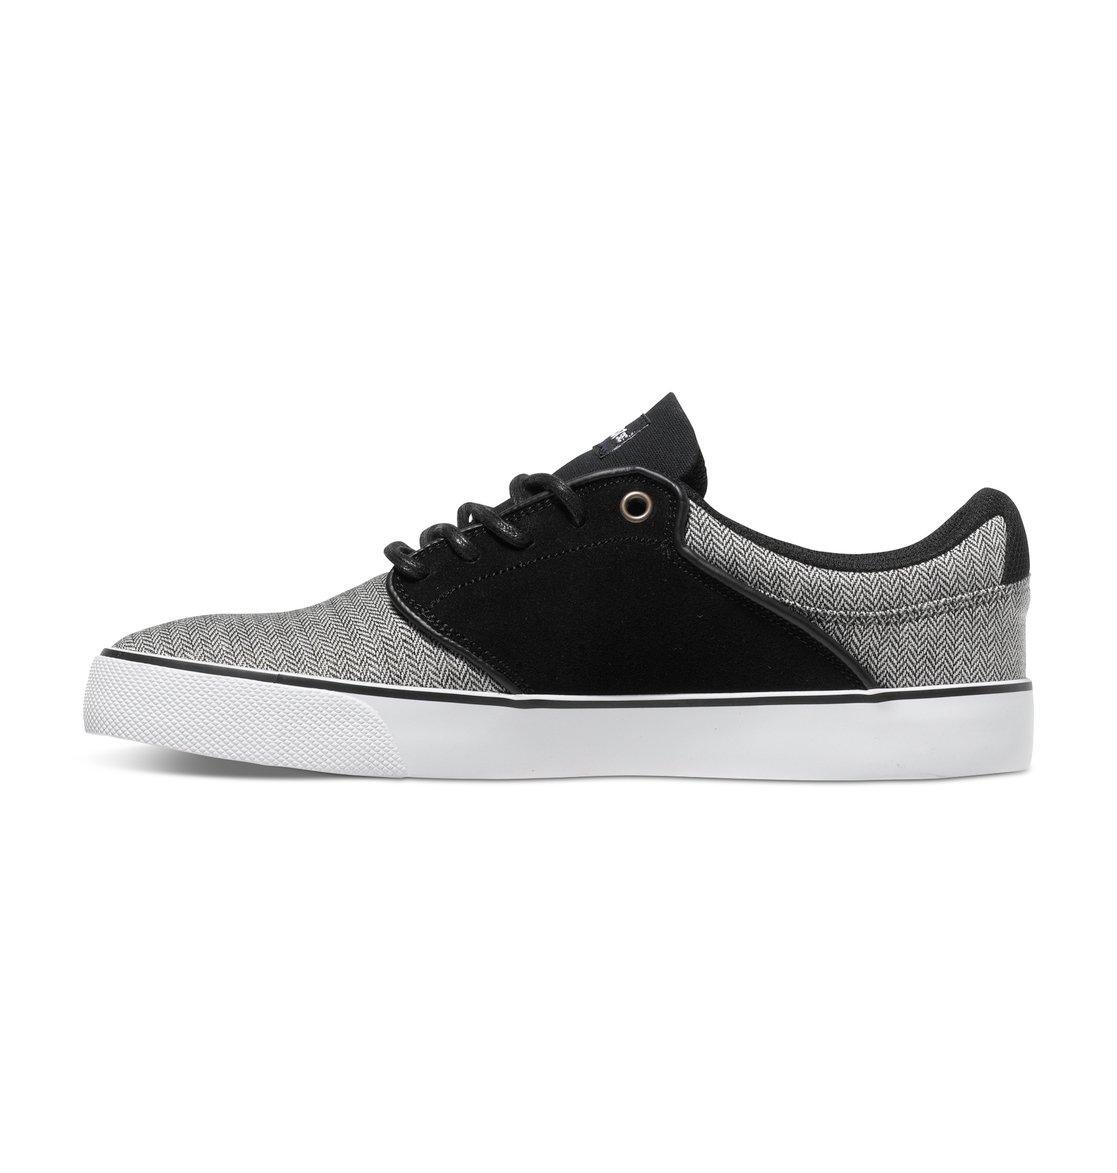 Chaussures de skate DC shoes Mikey Taylor Vulc TX SE